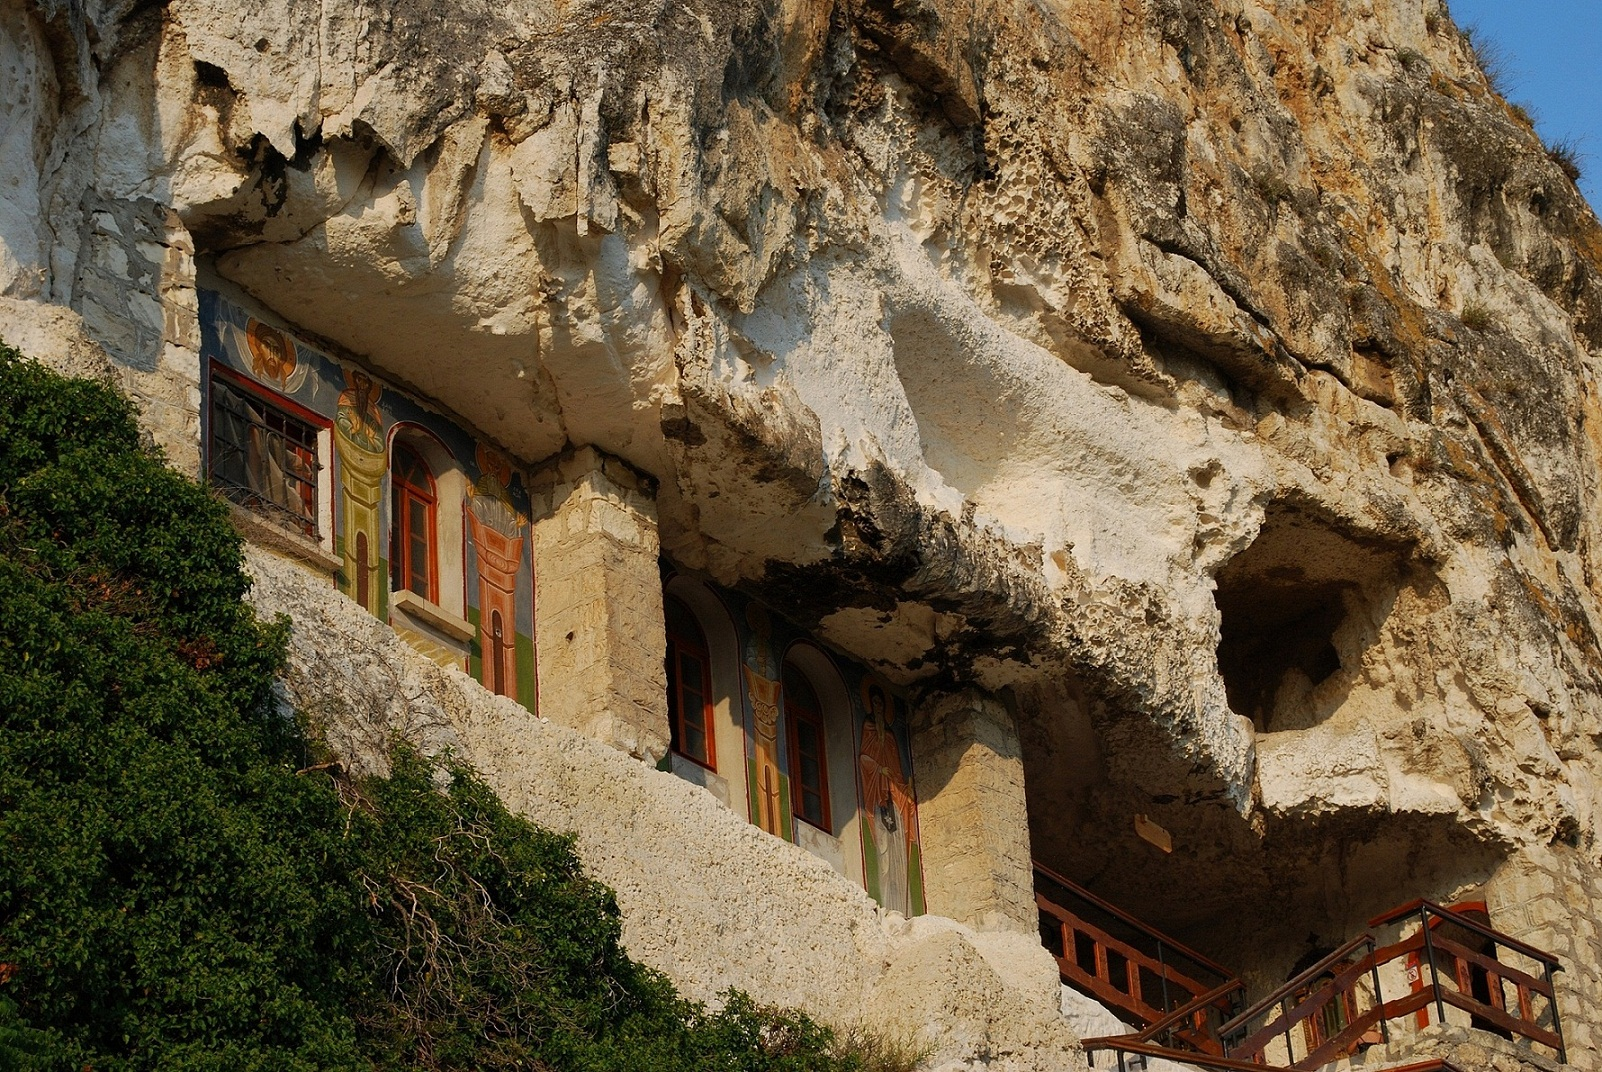 скалният манастир Св. Димитър Басарбовски 3 Копие